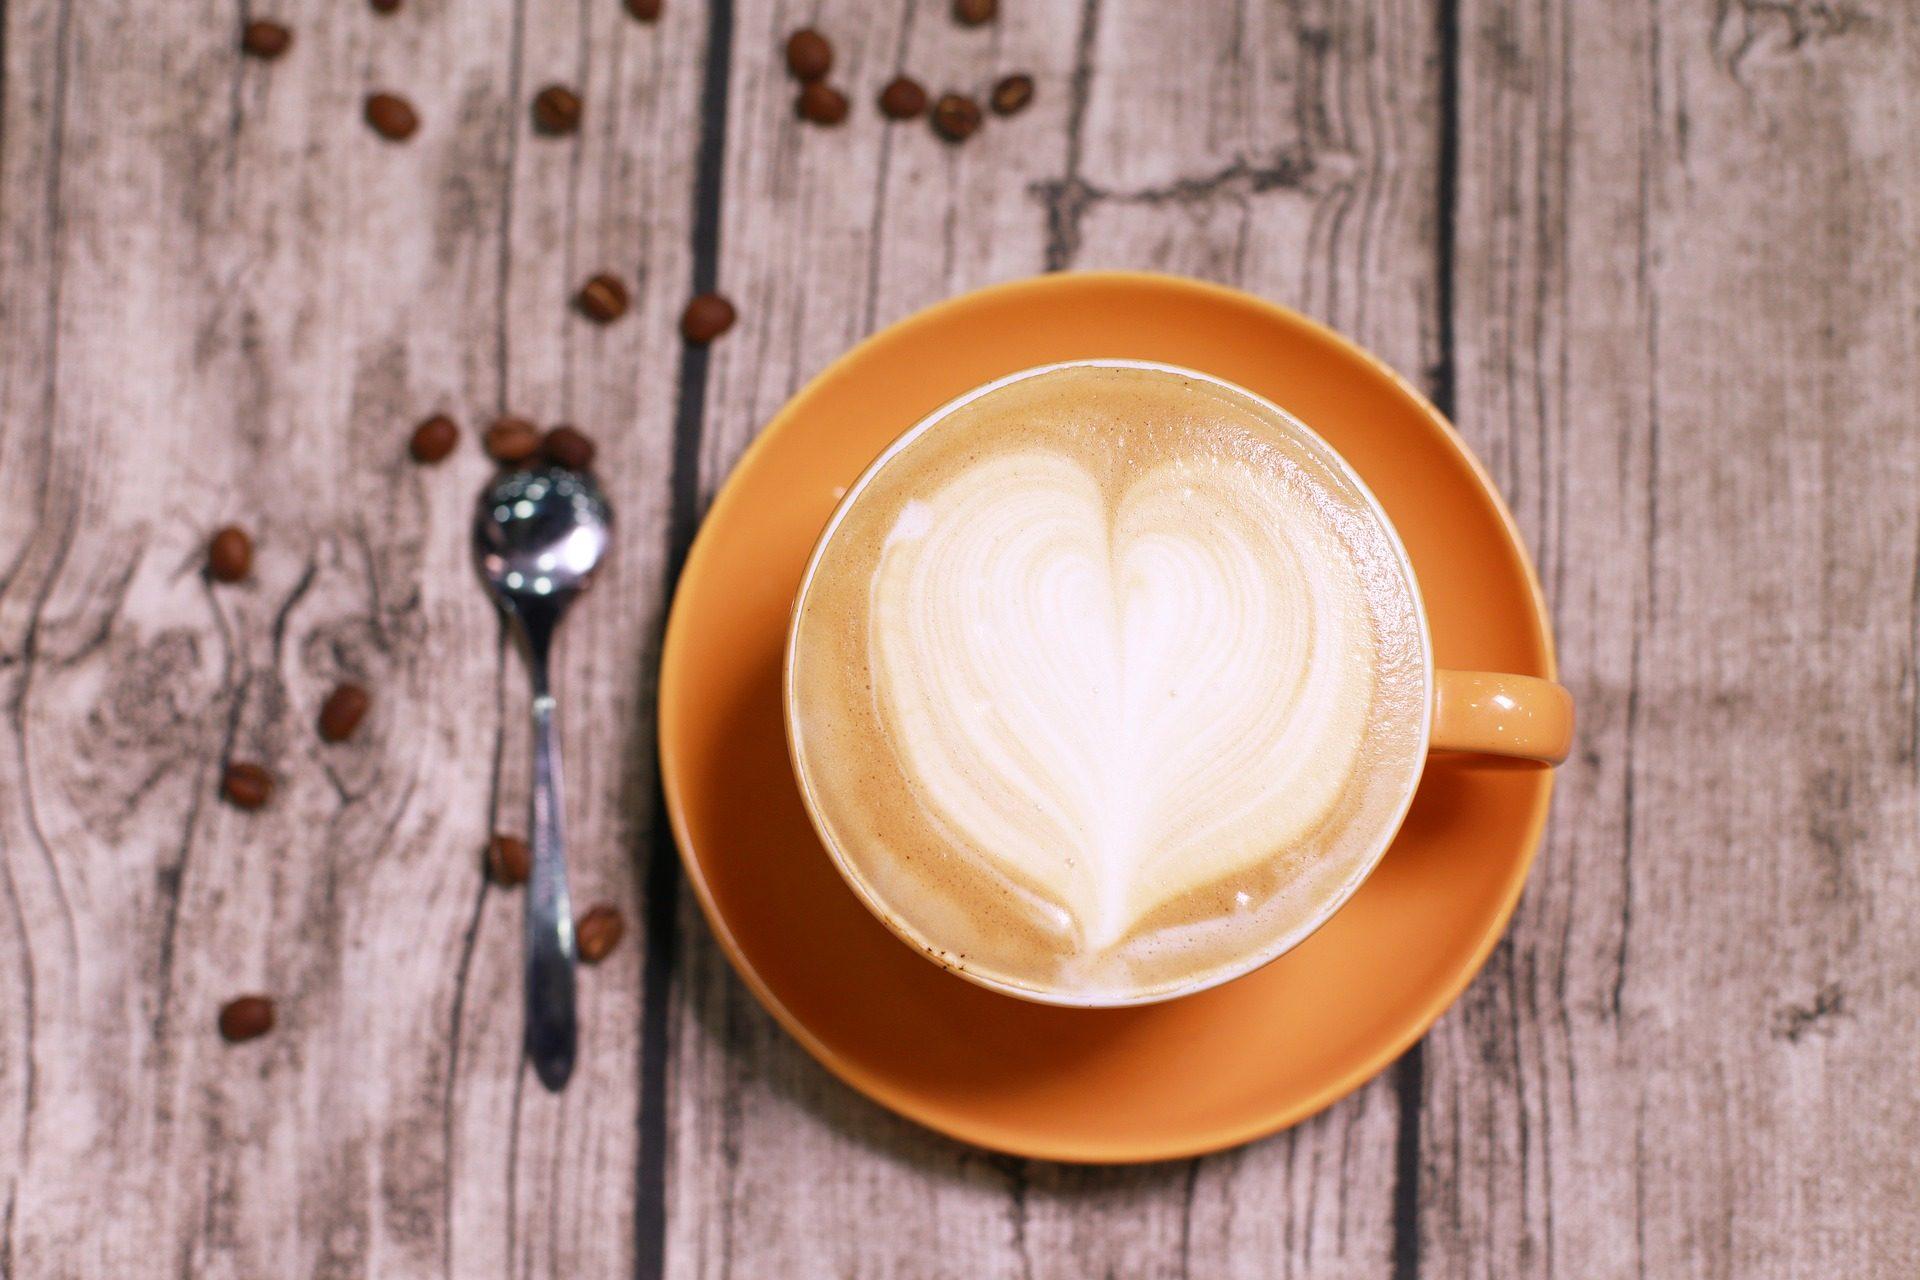 कॉफी, कप, दिल, लकड़ी, एक चम्मच - HD वॉलपेपर - प्रोफेसर-falken.com